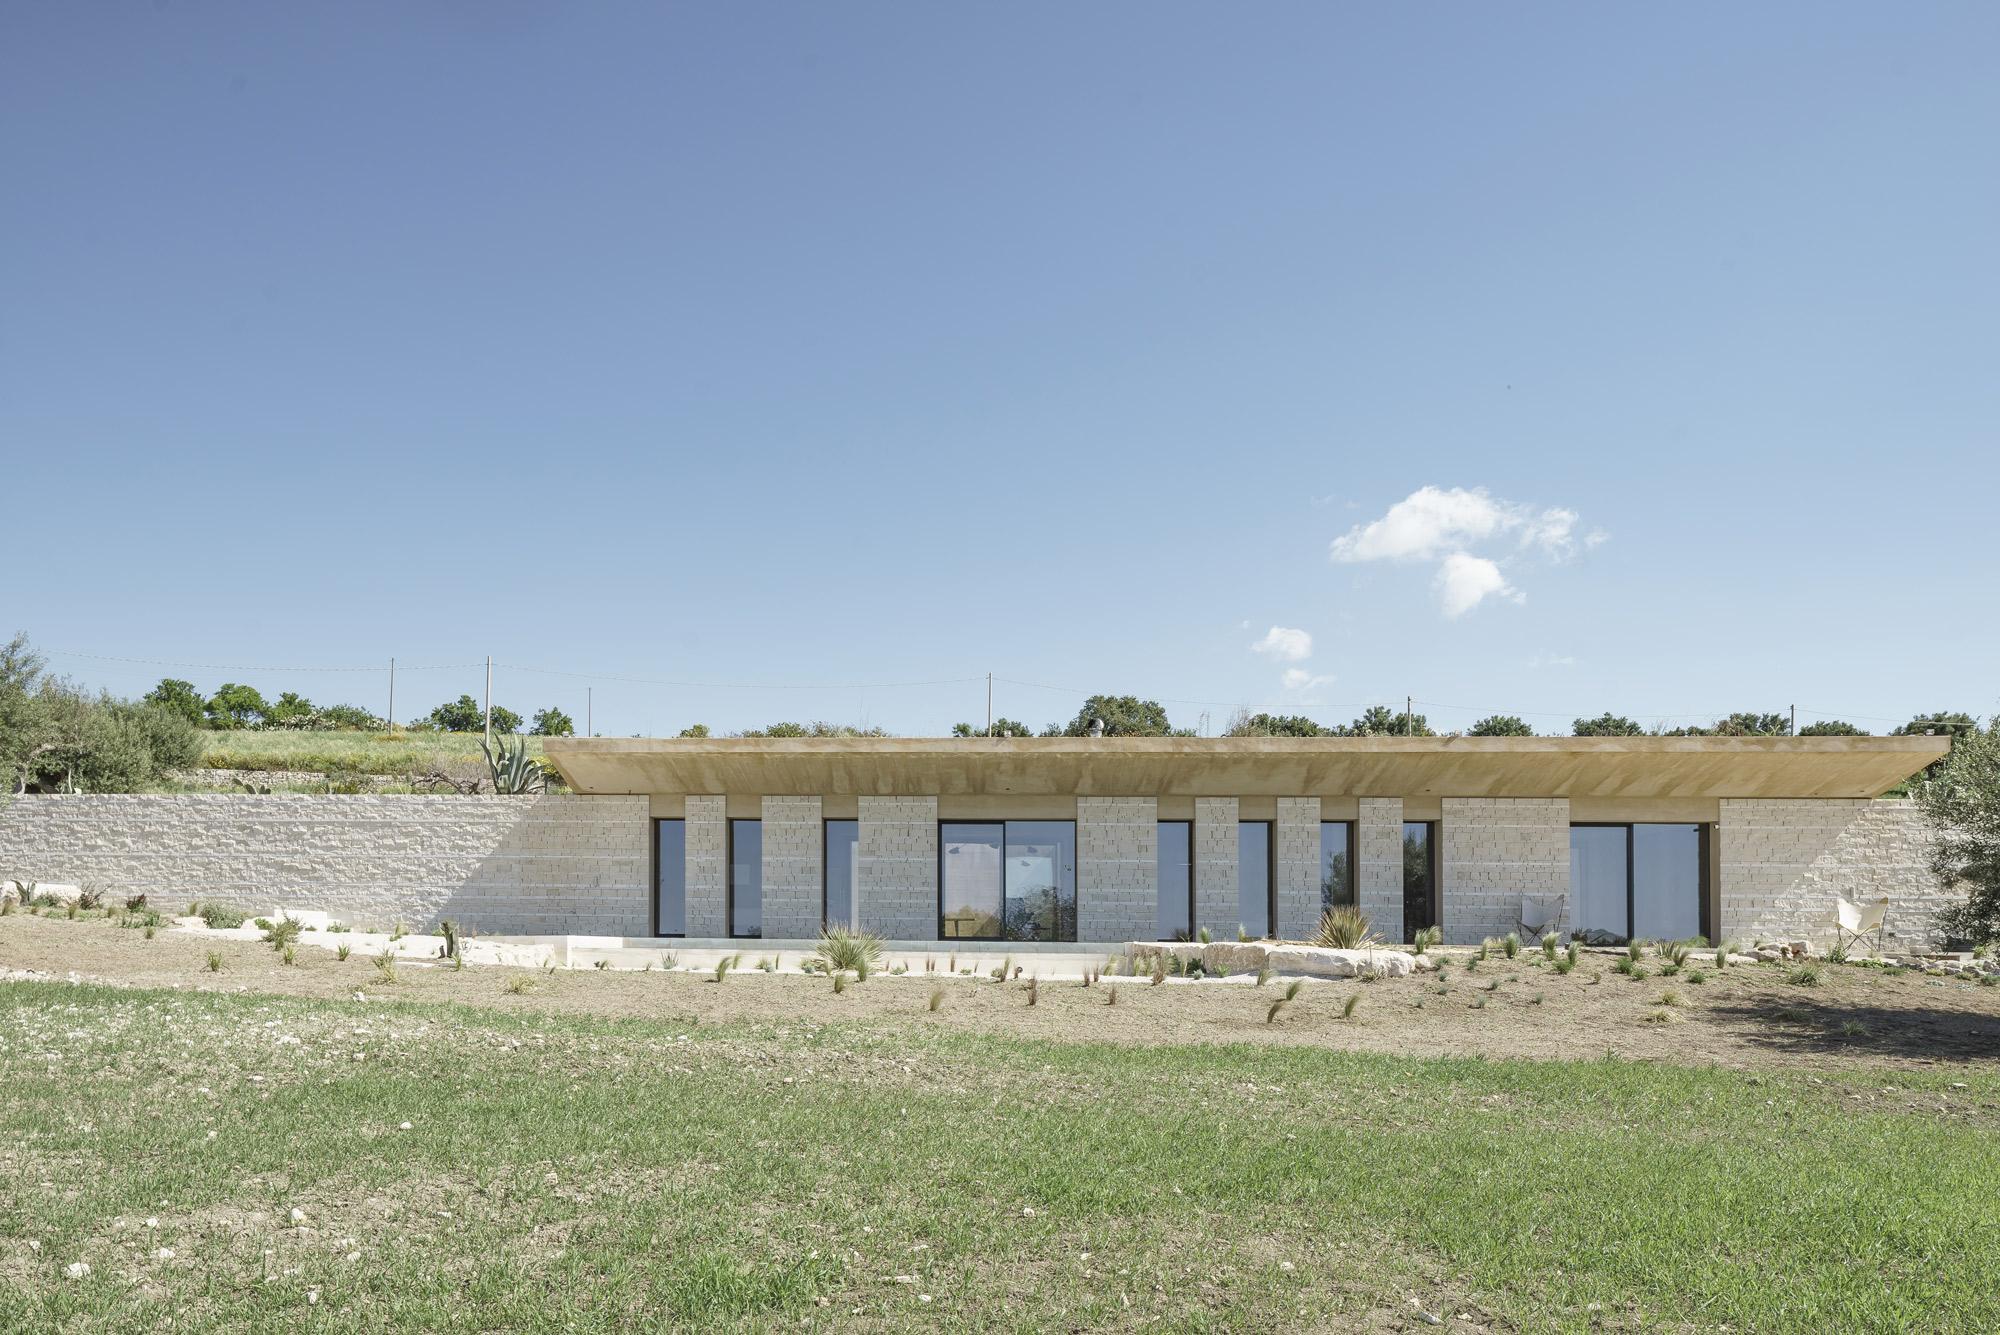 CASA ECS, Studio Giuseppe Gurrieri © Emanuela Minaldi